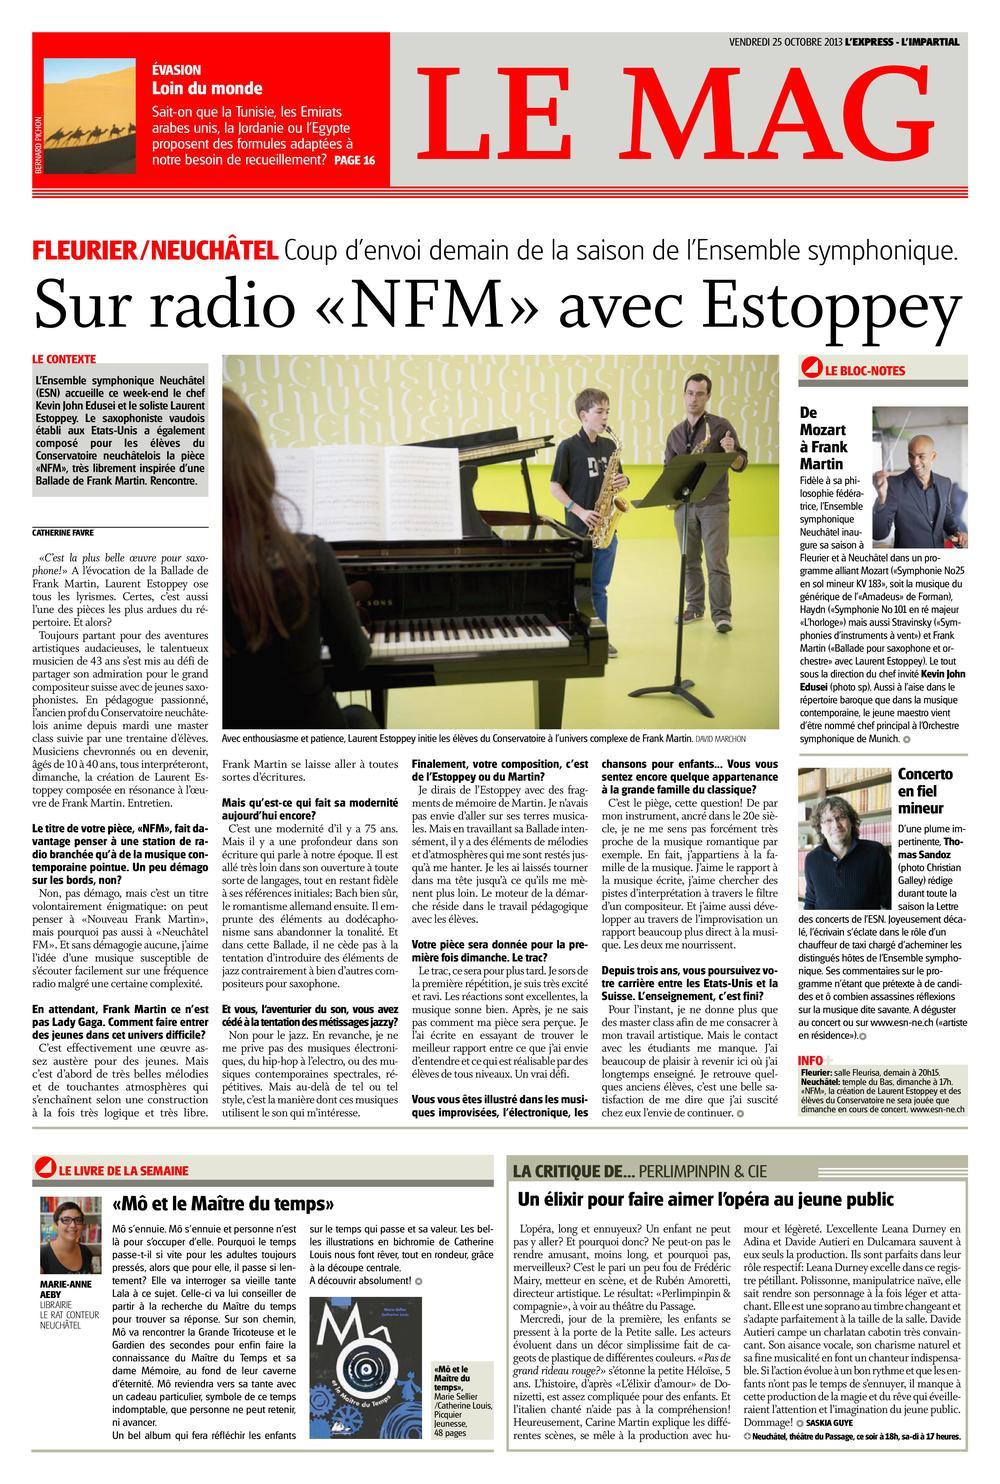 ARC_20131025 Vendredi - IMP Numérique - Magazine - pag 14-page-001.jpg